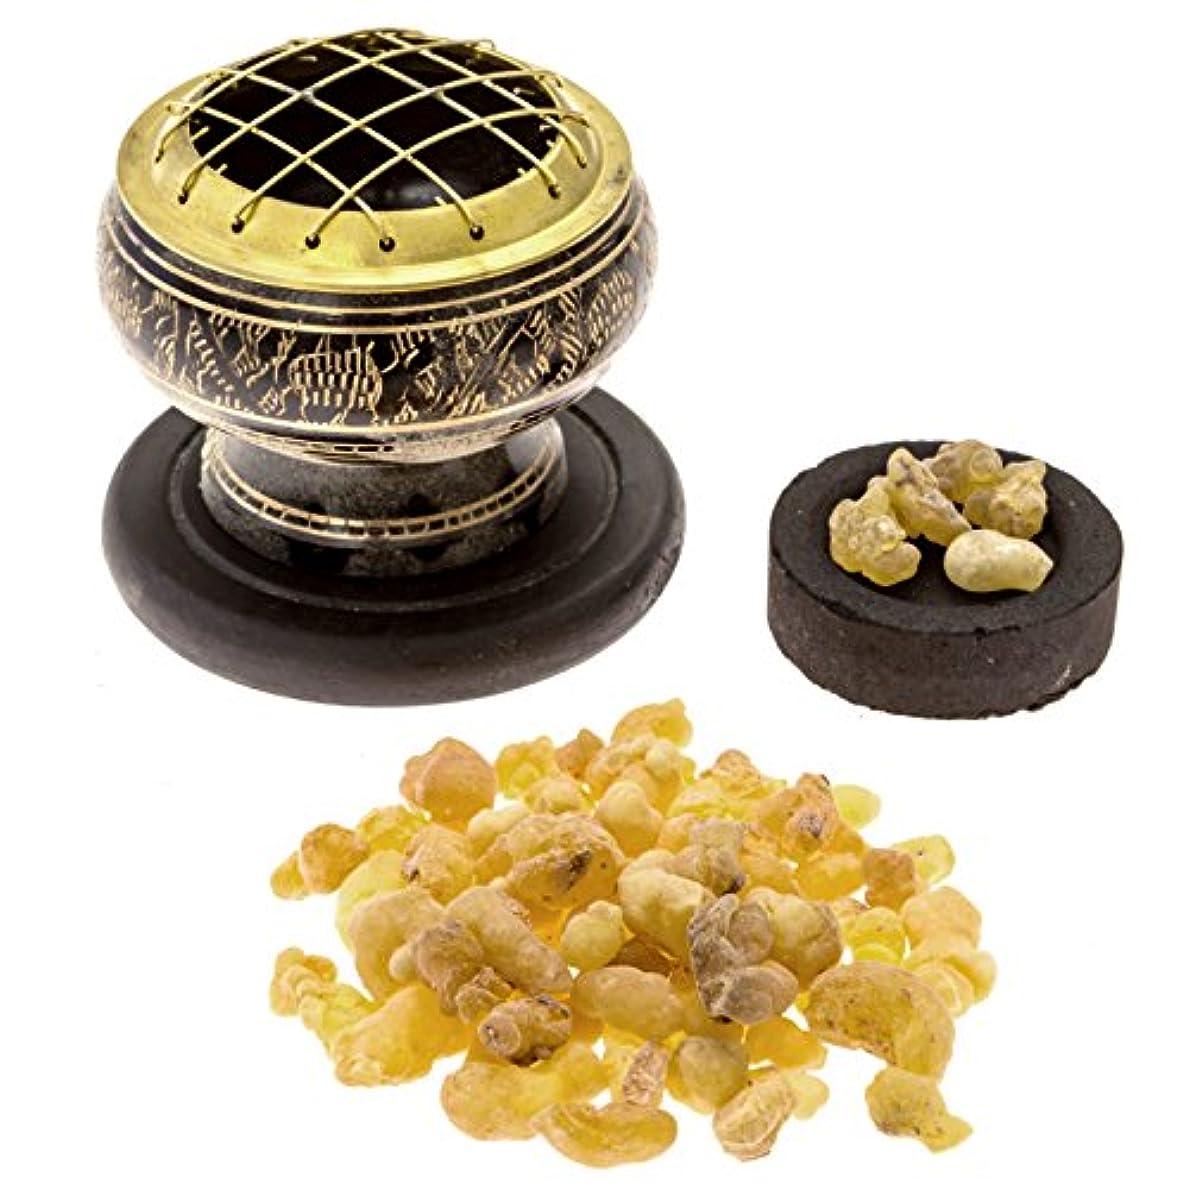 本当のことを言うとぼかす体操プレミアムFrankincense Burningキット( withチベット香炉または真鍮画面Burner ) (真鍮Burner )